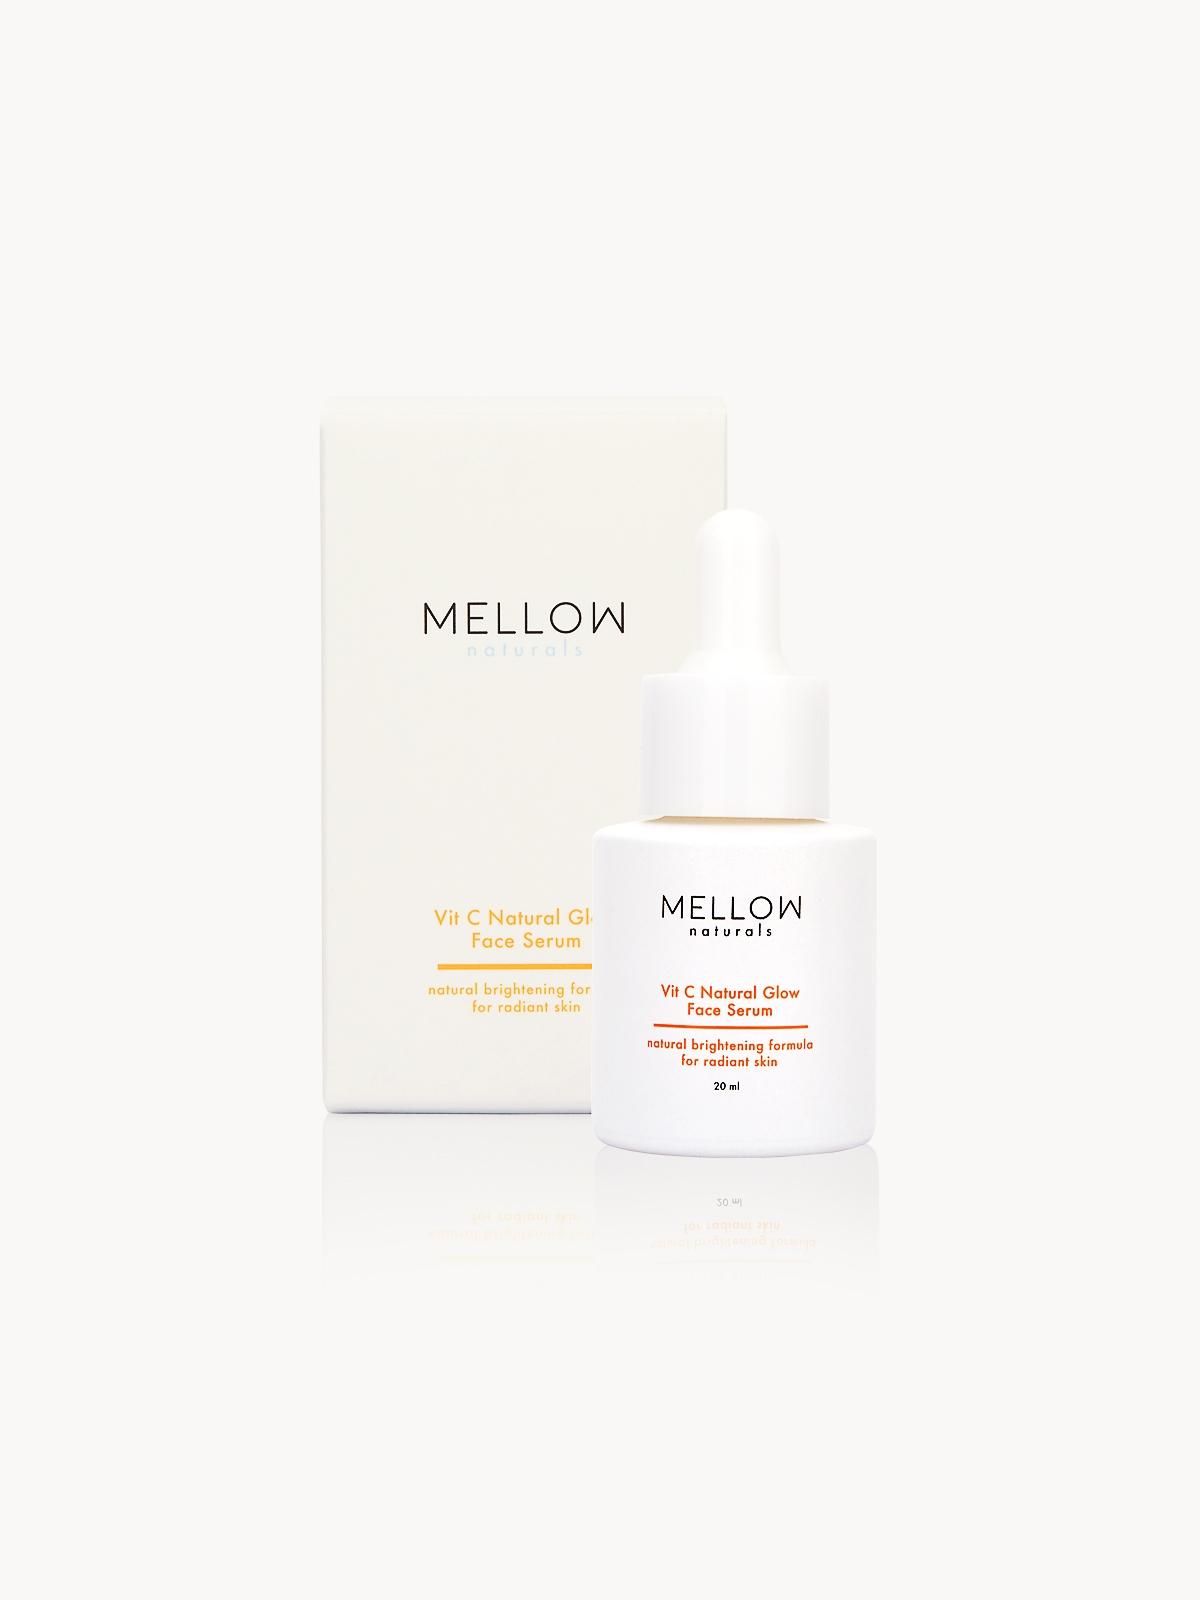 MELLOW Naturals Vit C Natural Glow Face Serum